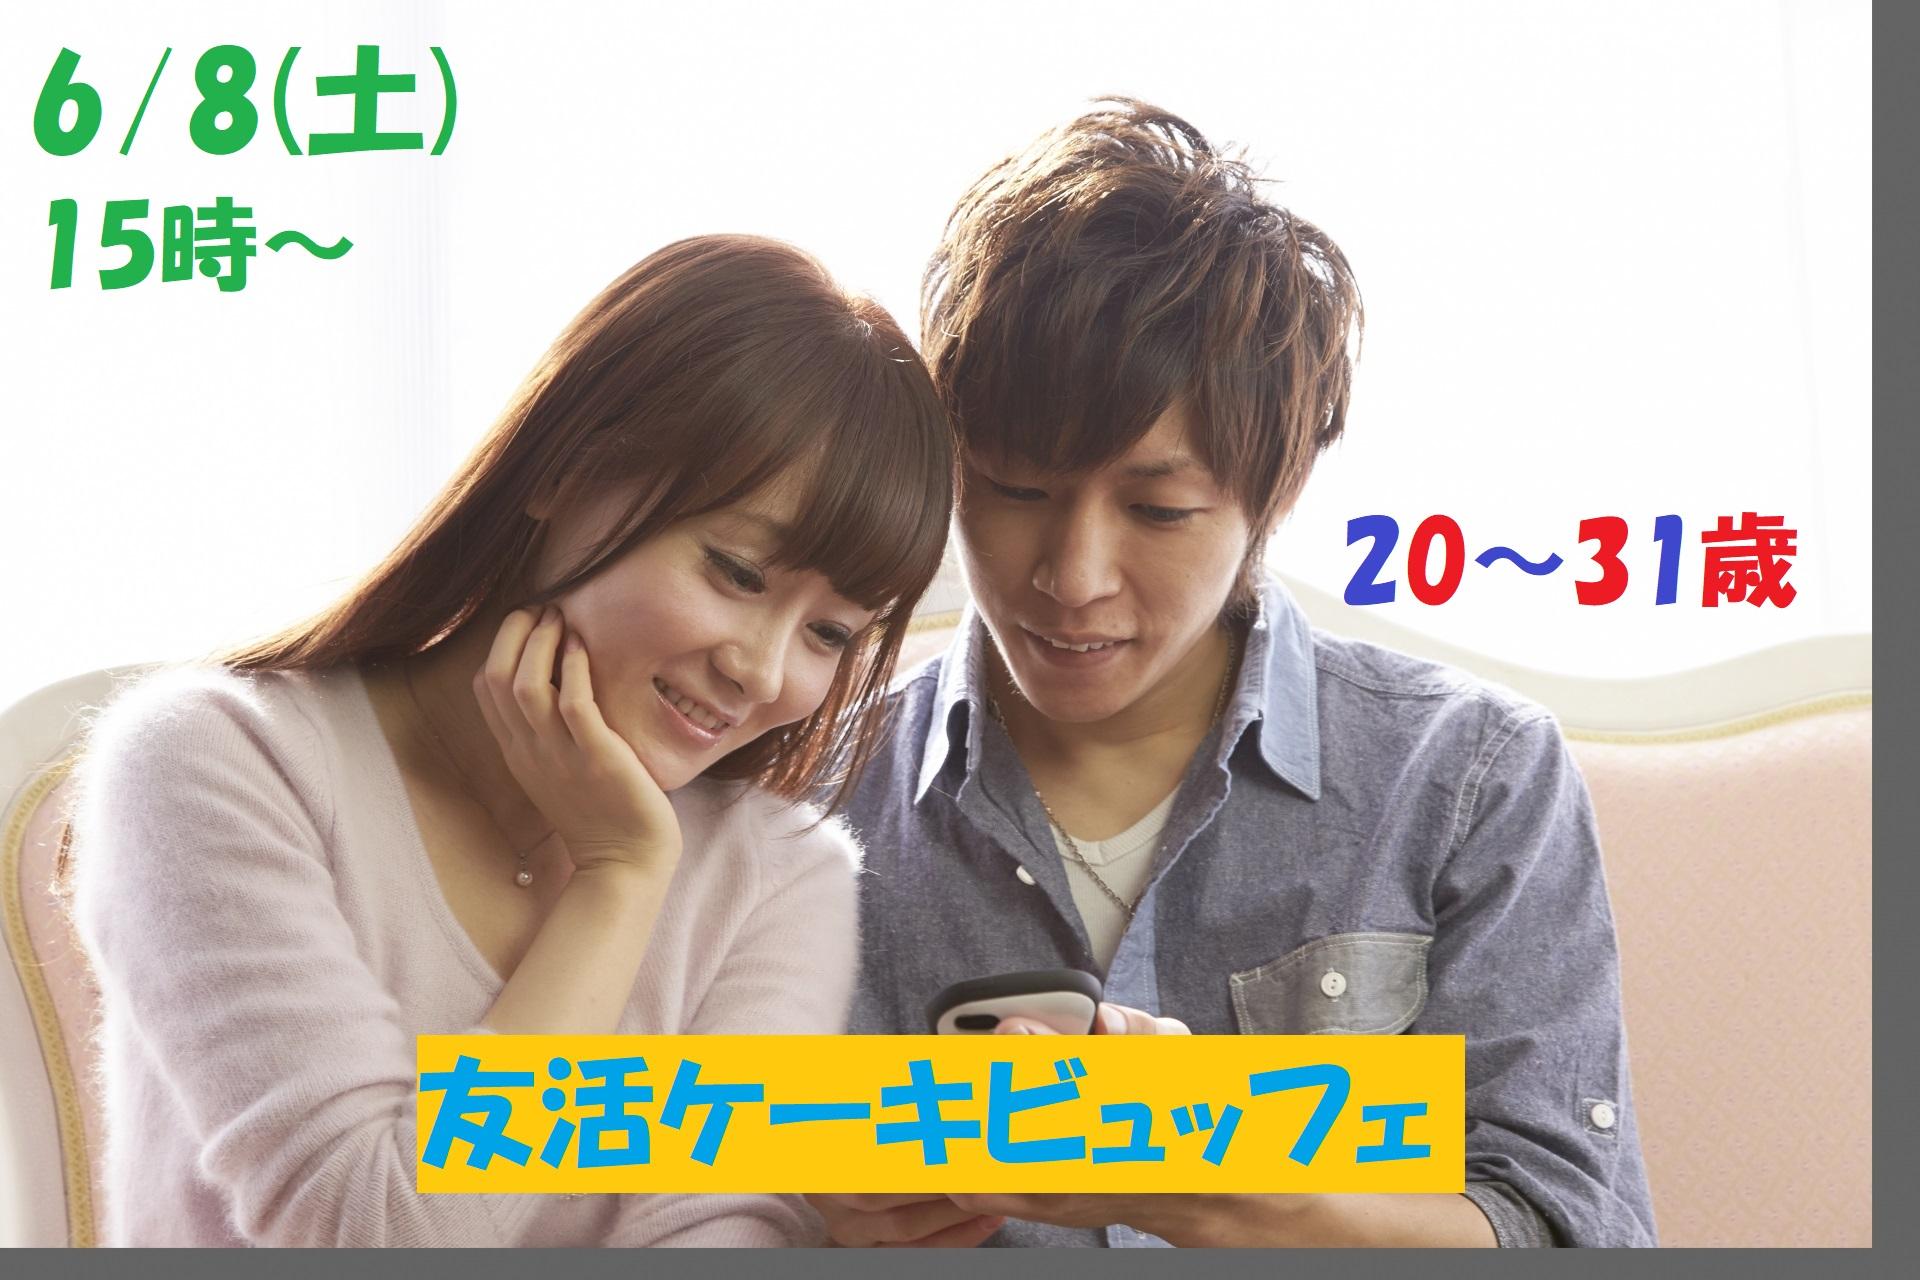 【終了】6月8日(土)15時~【20~31歳】まずは友達が欲しい!友活ケーキビュッフェ!